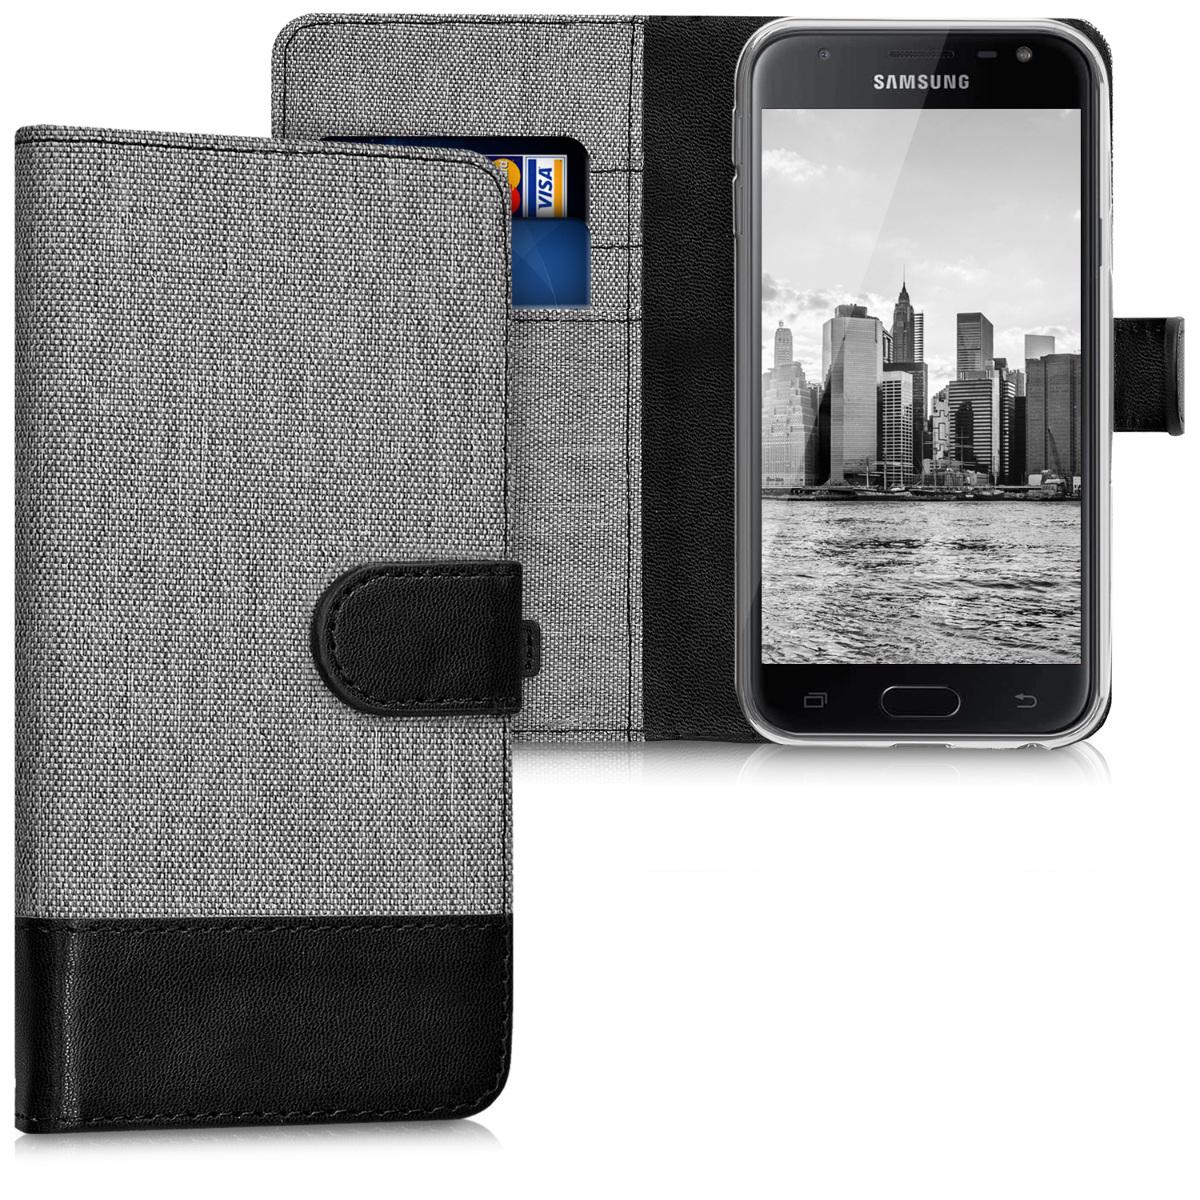 KW Θήκη - Πορτοφόλι Samsung Galaxy J3 (2017) DUOS - Συνθετικό Δέρμα - Grey / Black (41030.22)